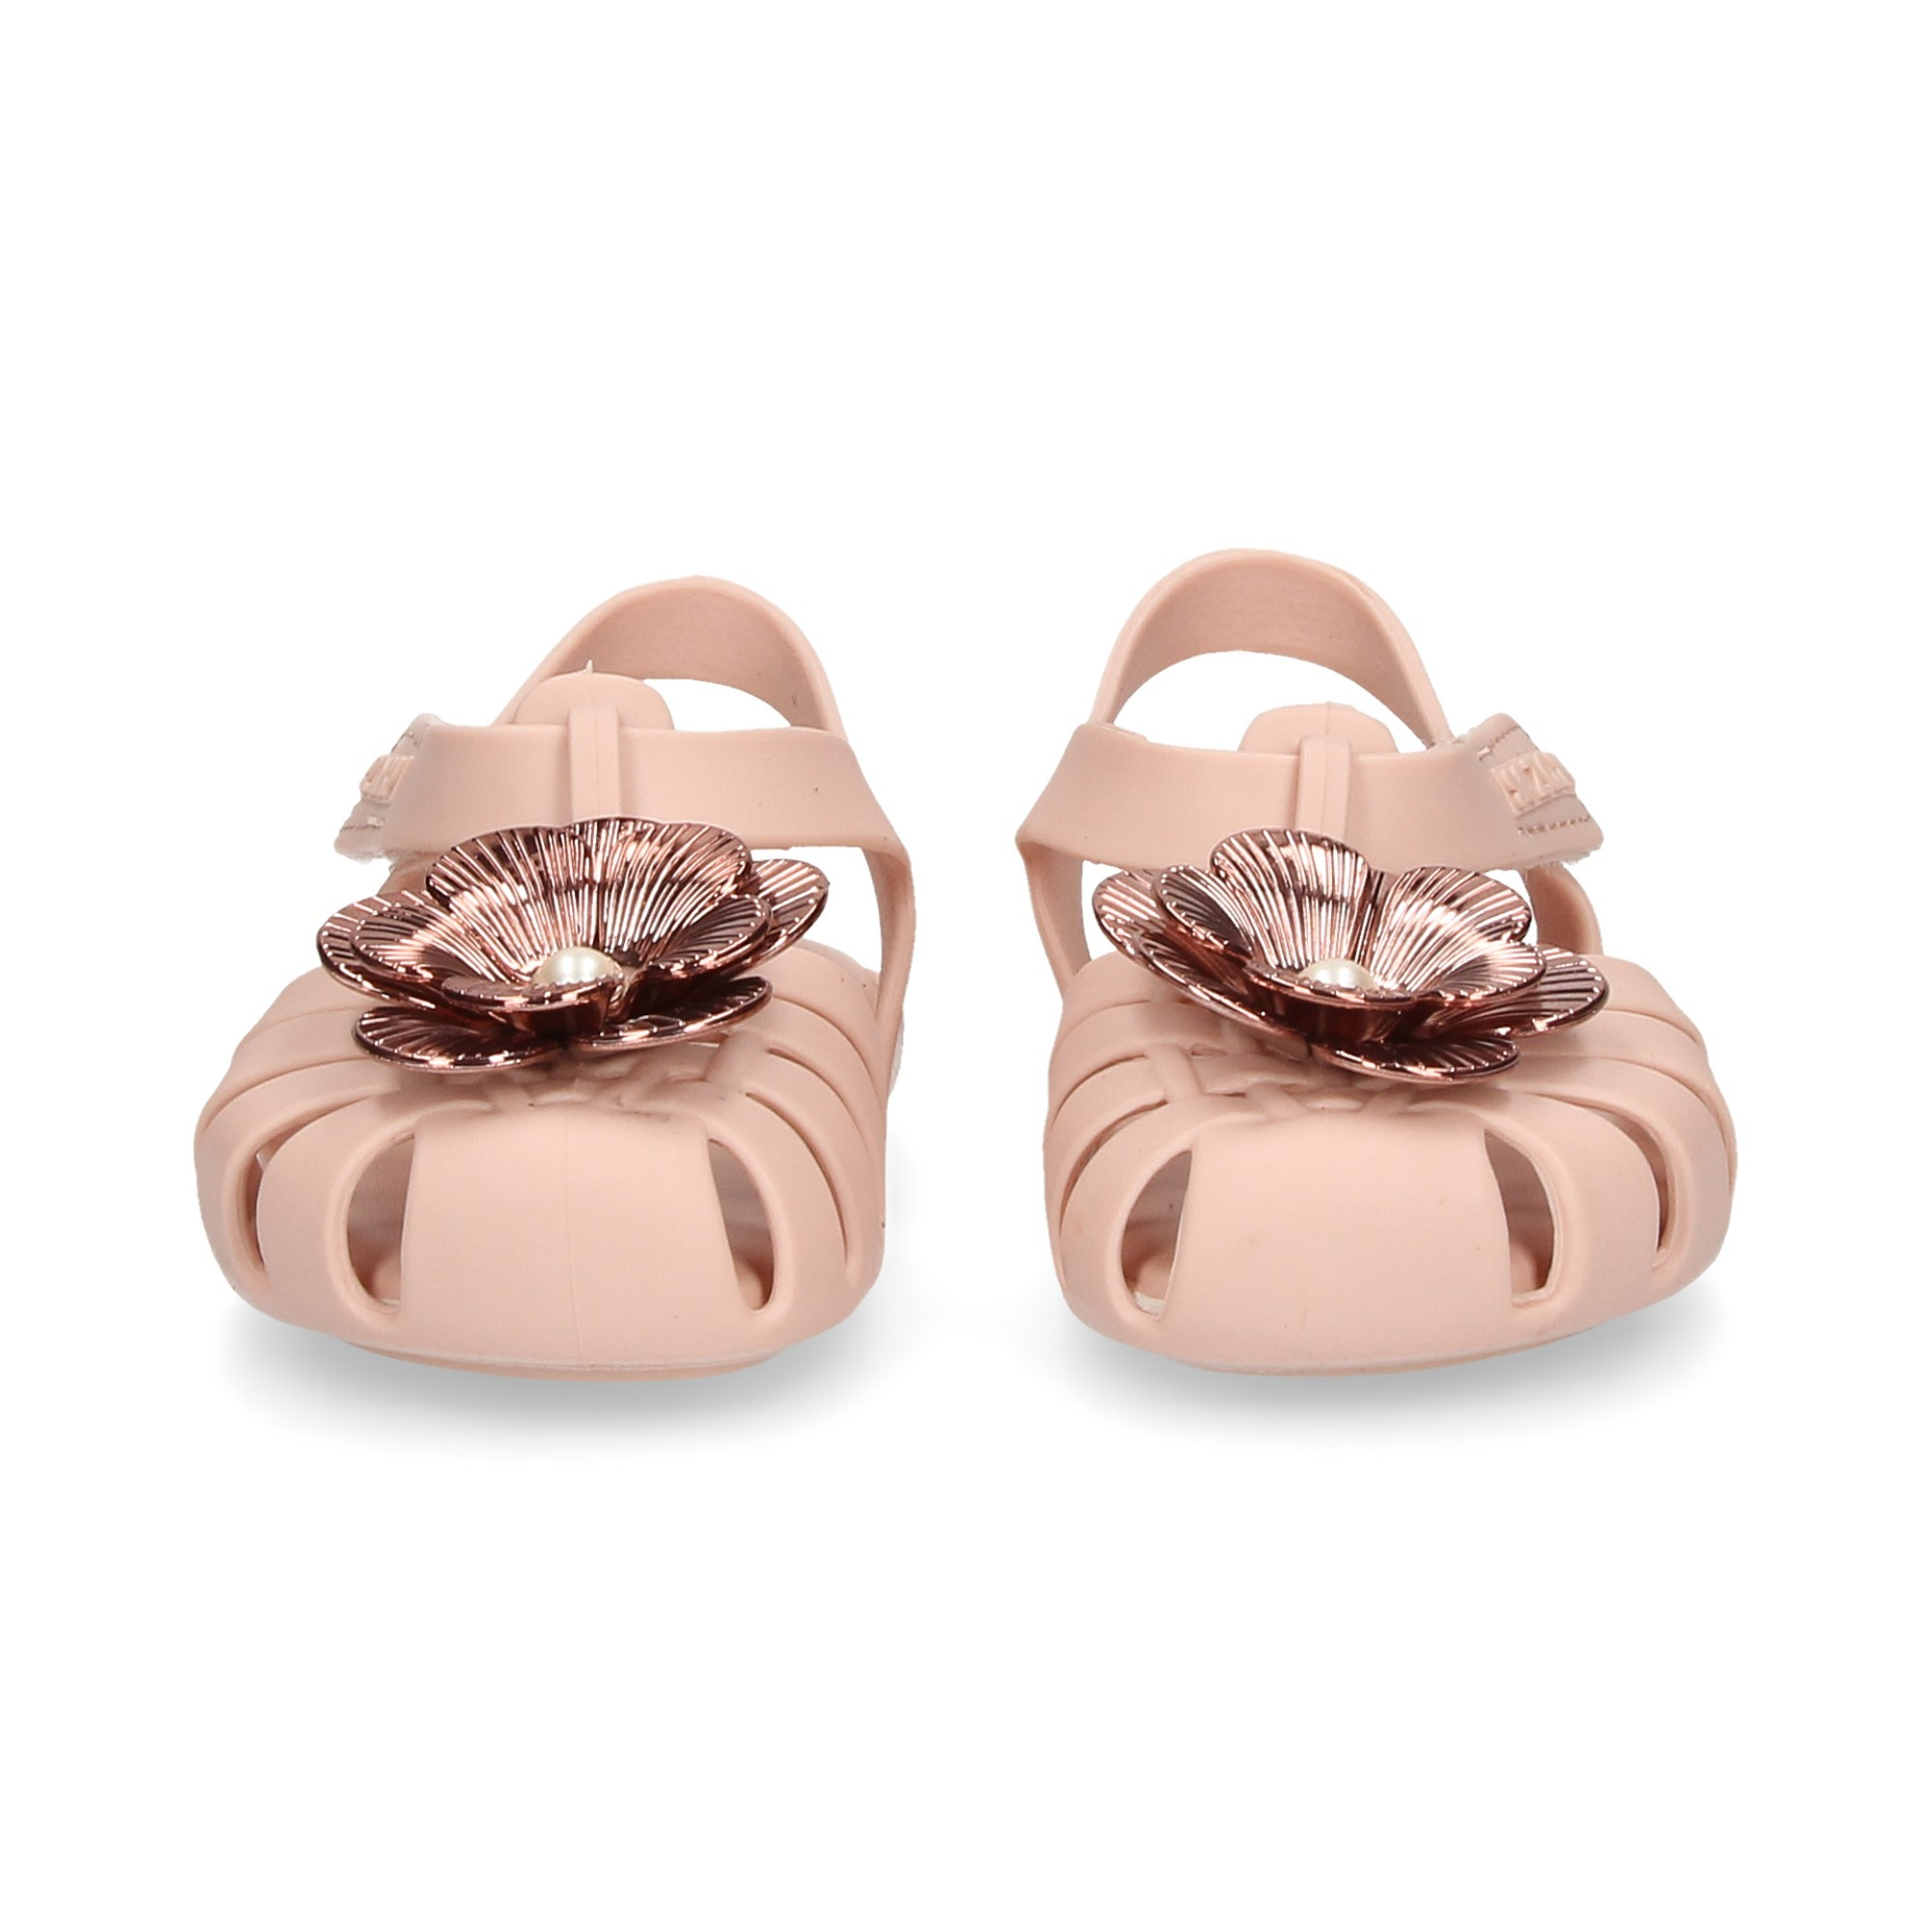 9a5015a0ba ZAXY Girls sandals and flip flops 82618 01276 LIGHT PIN